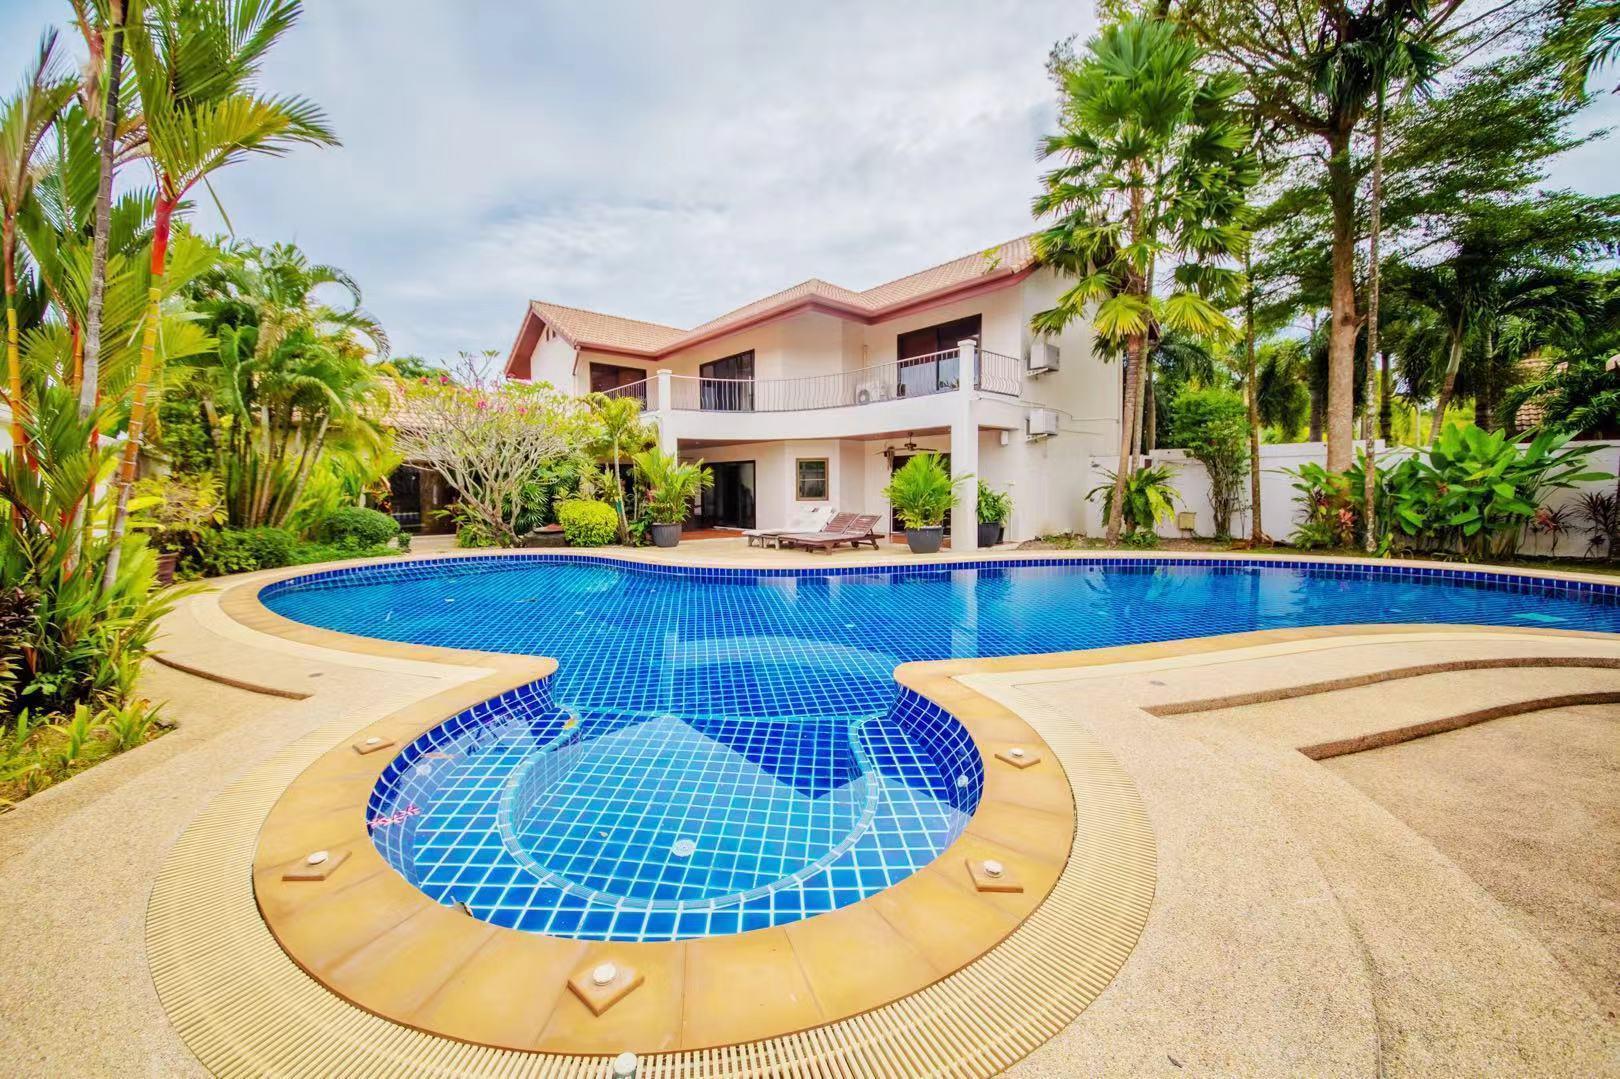 The Coconut Villa